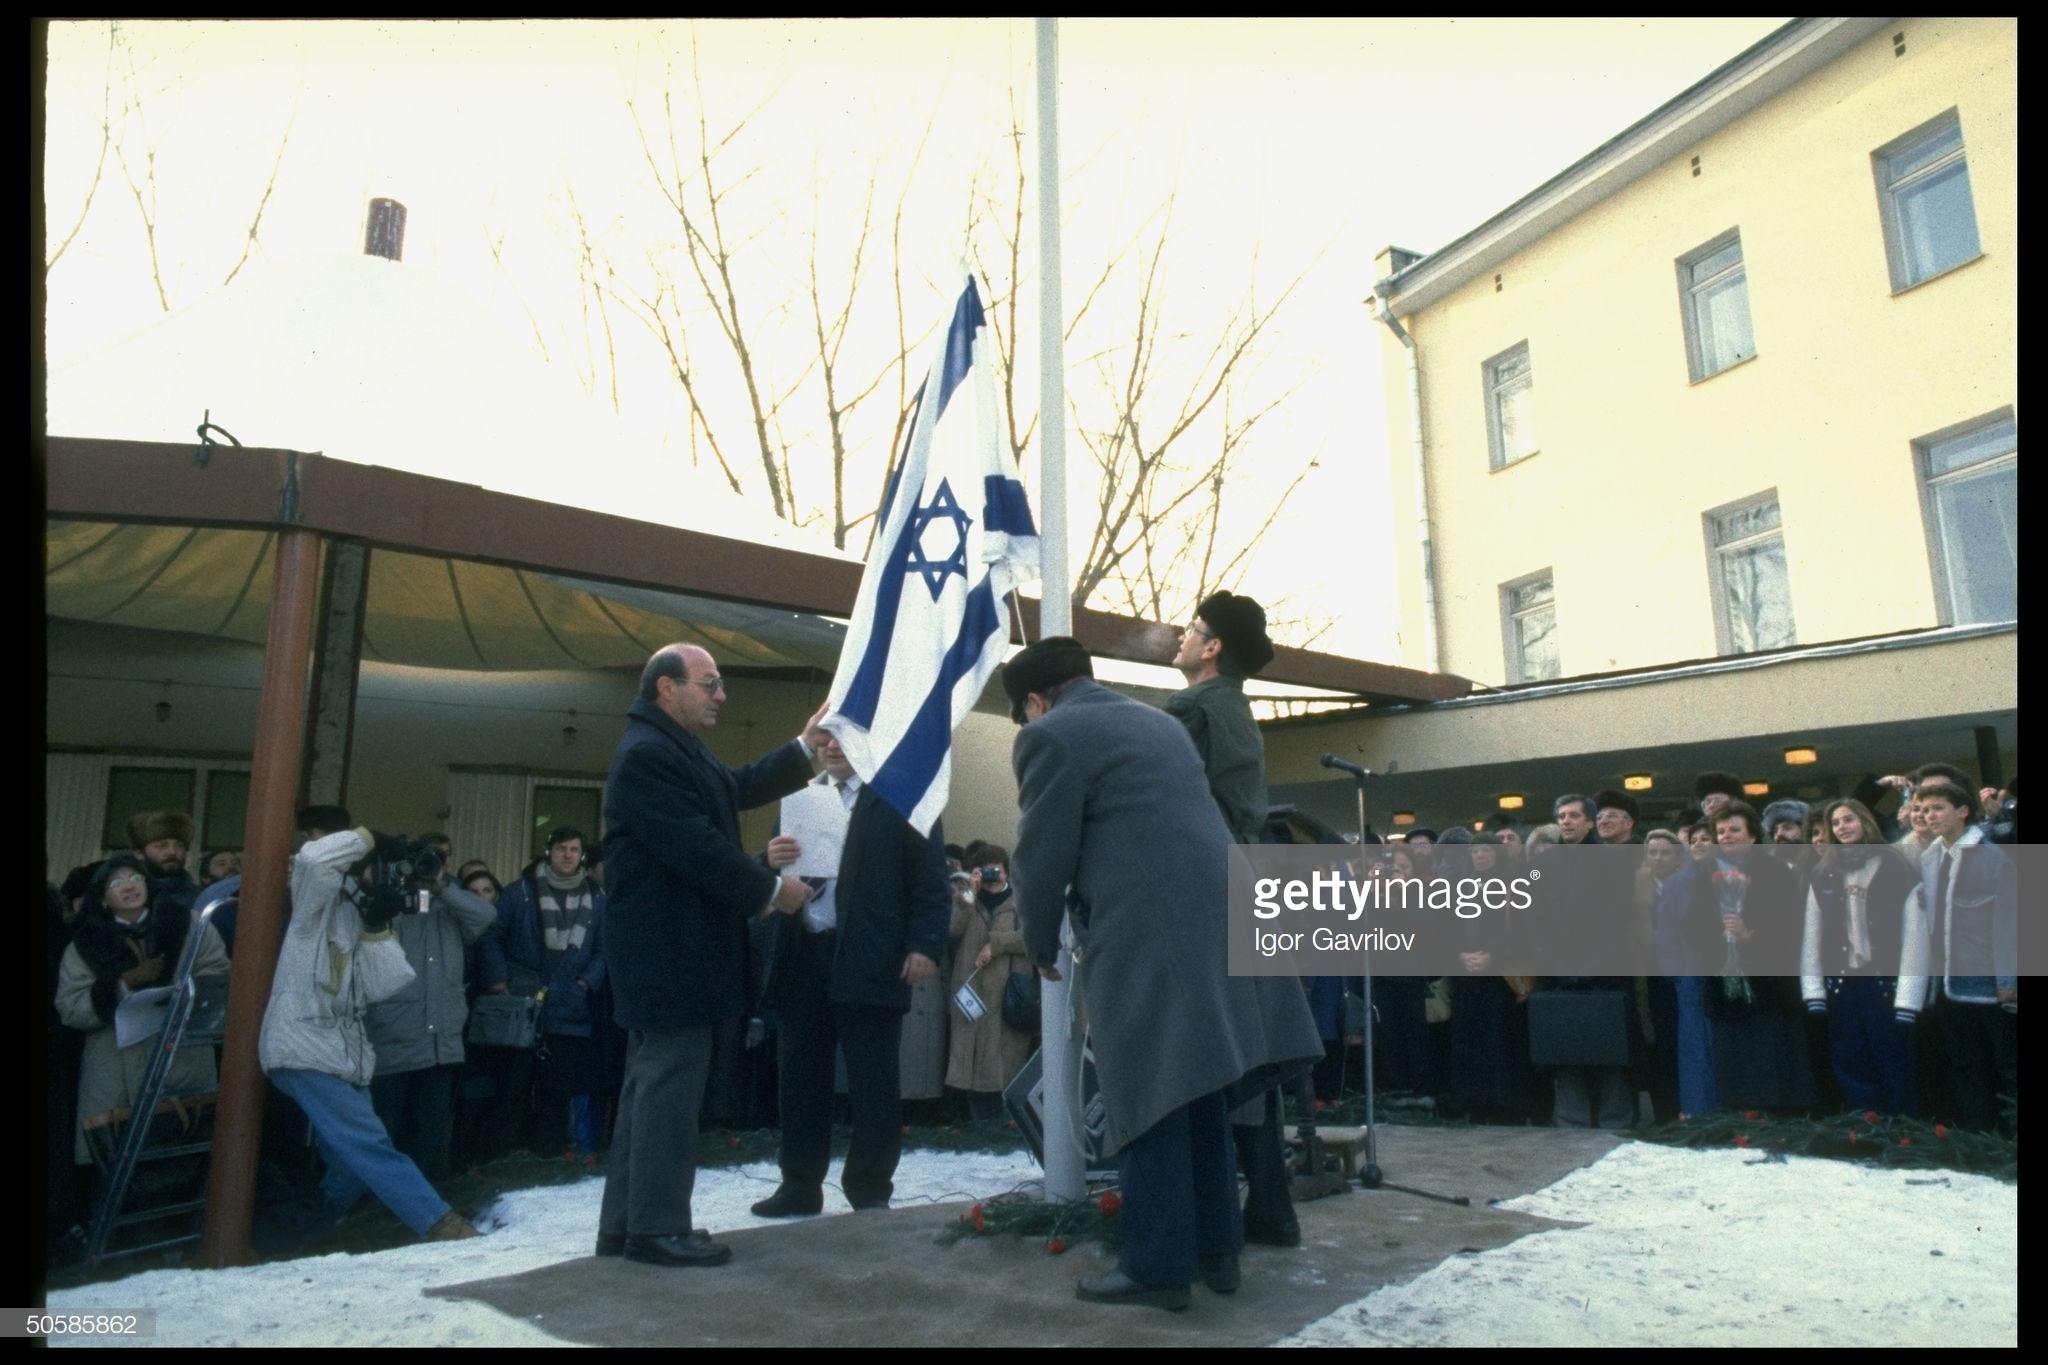 Поднятие израильского флага при открытии нового консульства (в посольстве Нидерландов)